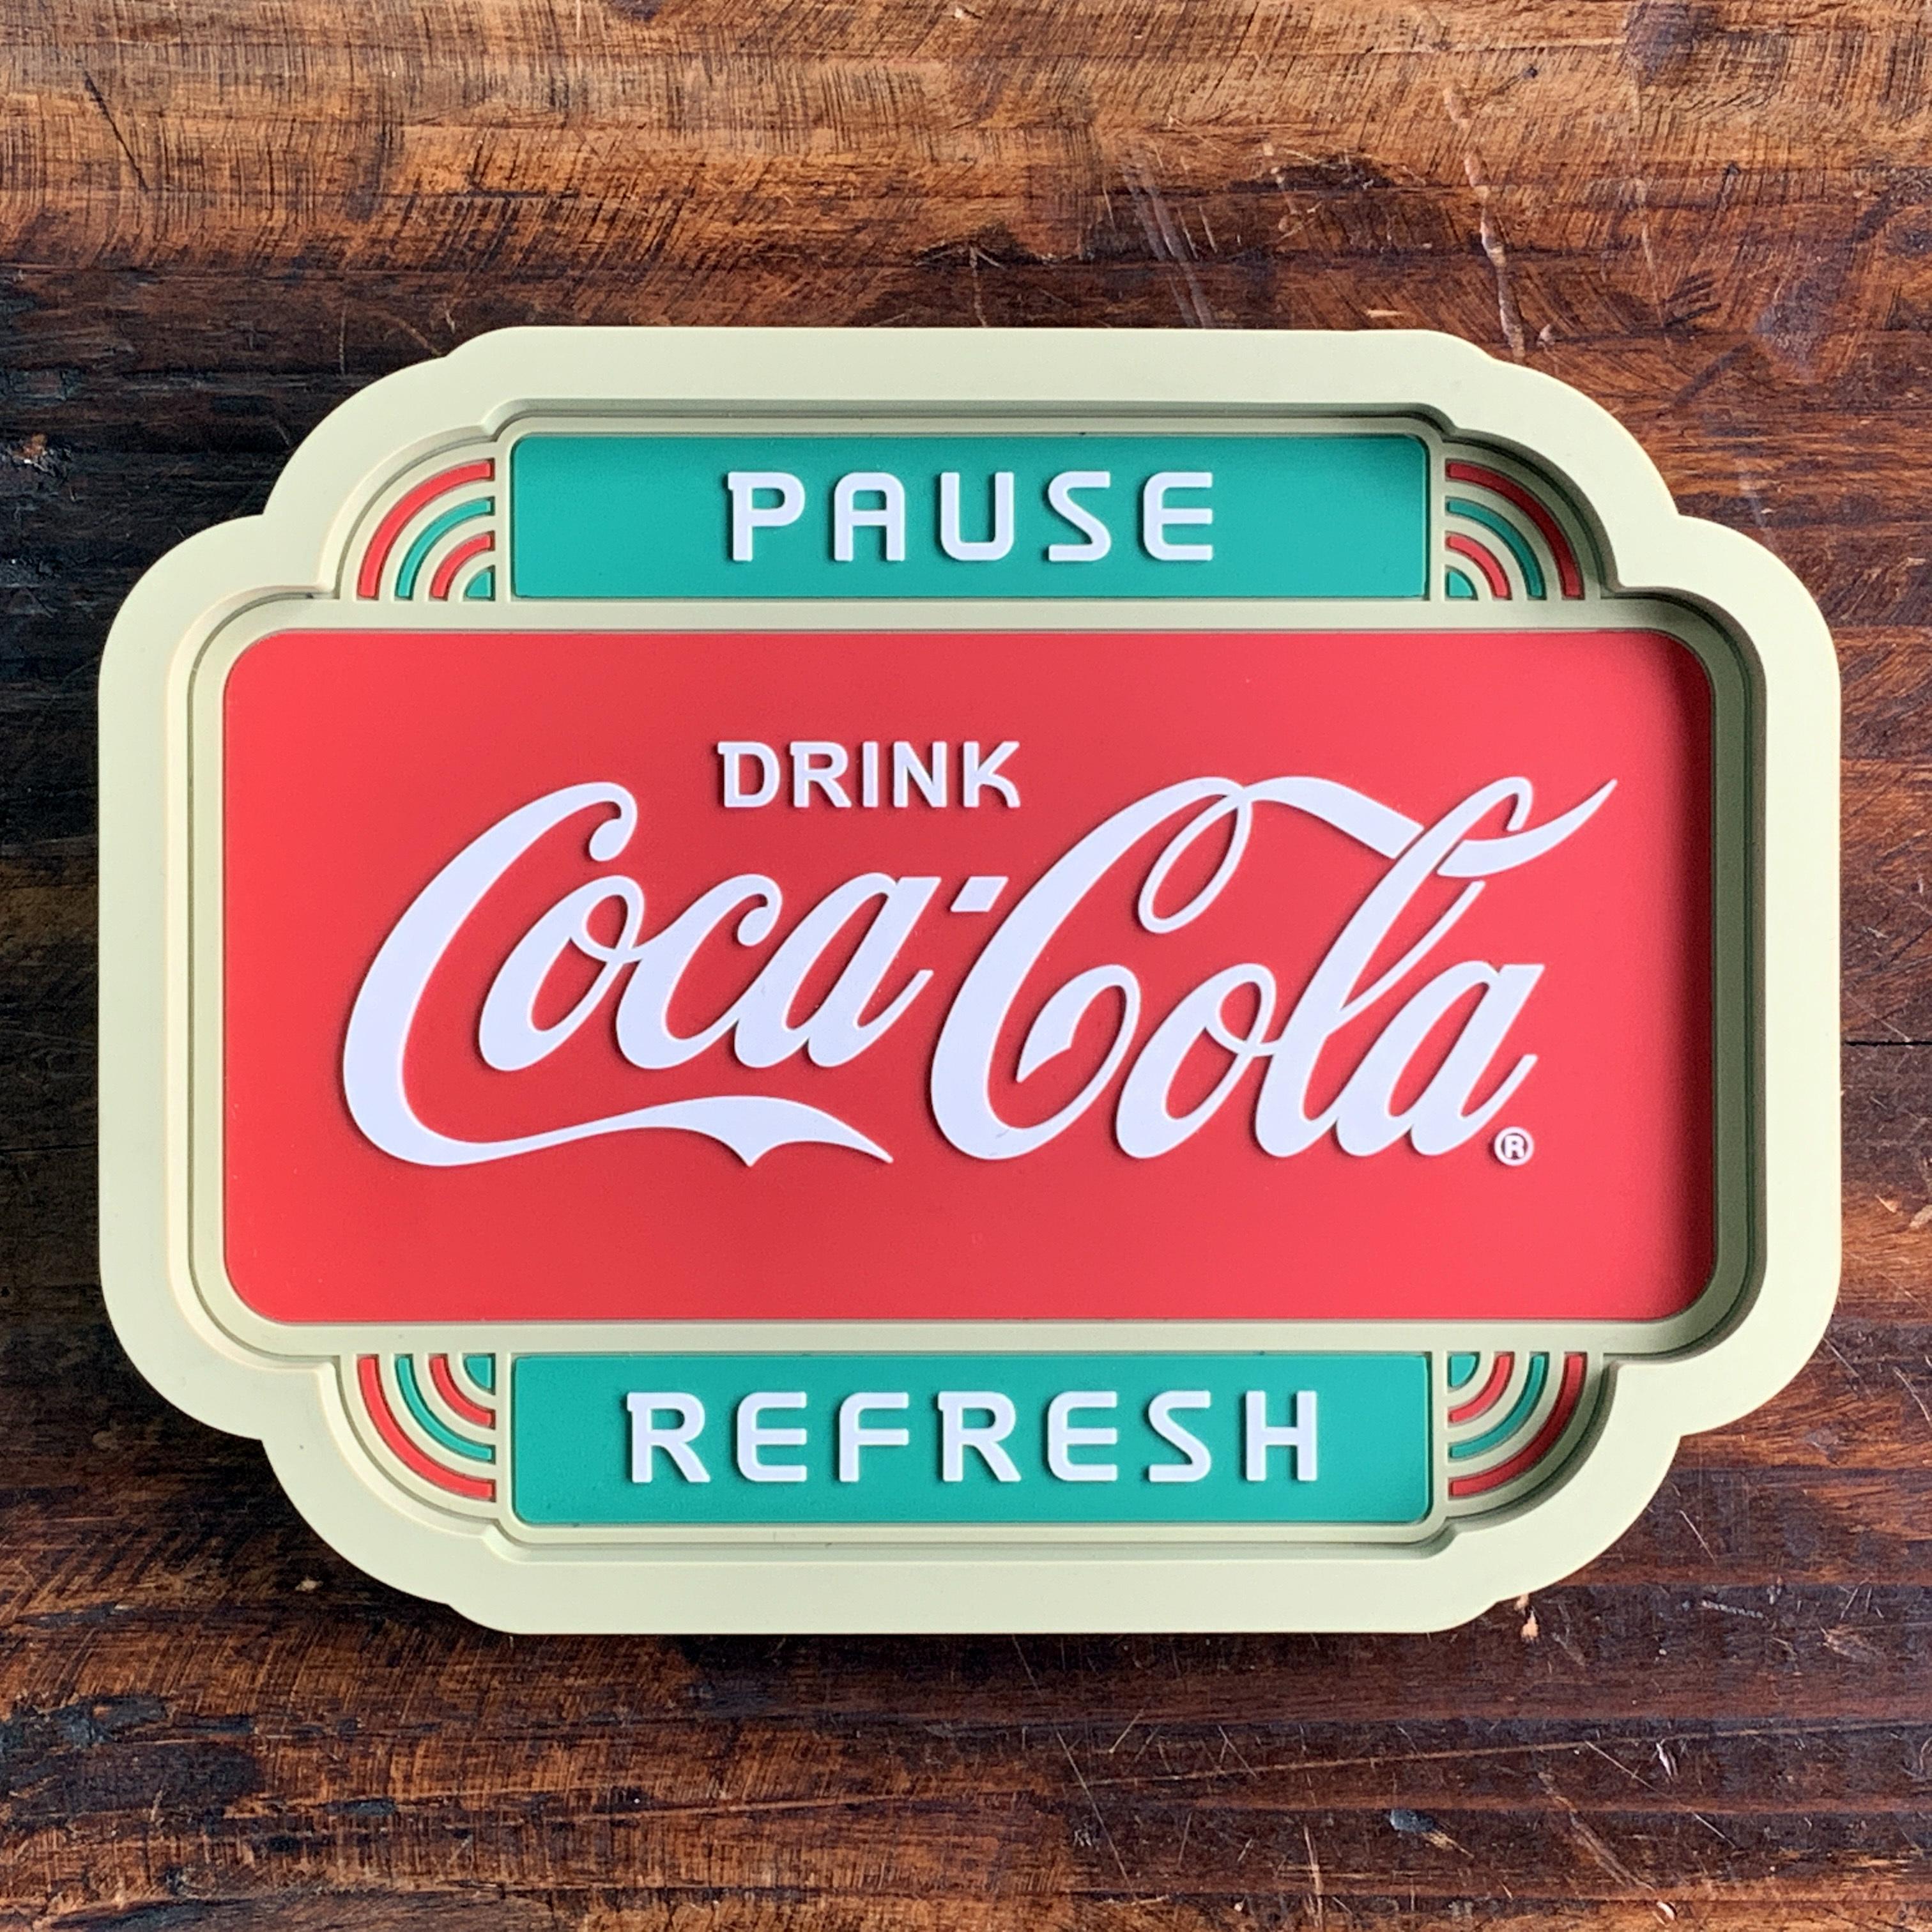 コカ・コーラ・ラバートレイ・アクセサリー入れ・小物入れ・クリップホルダー - PAUSE